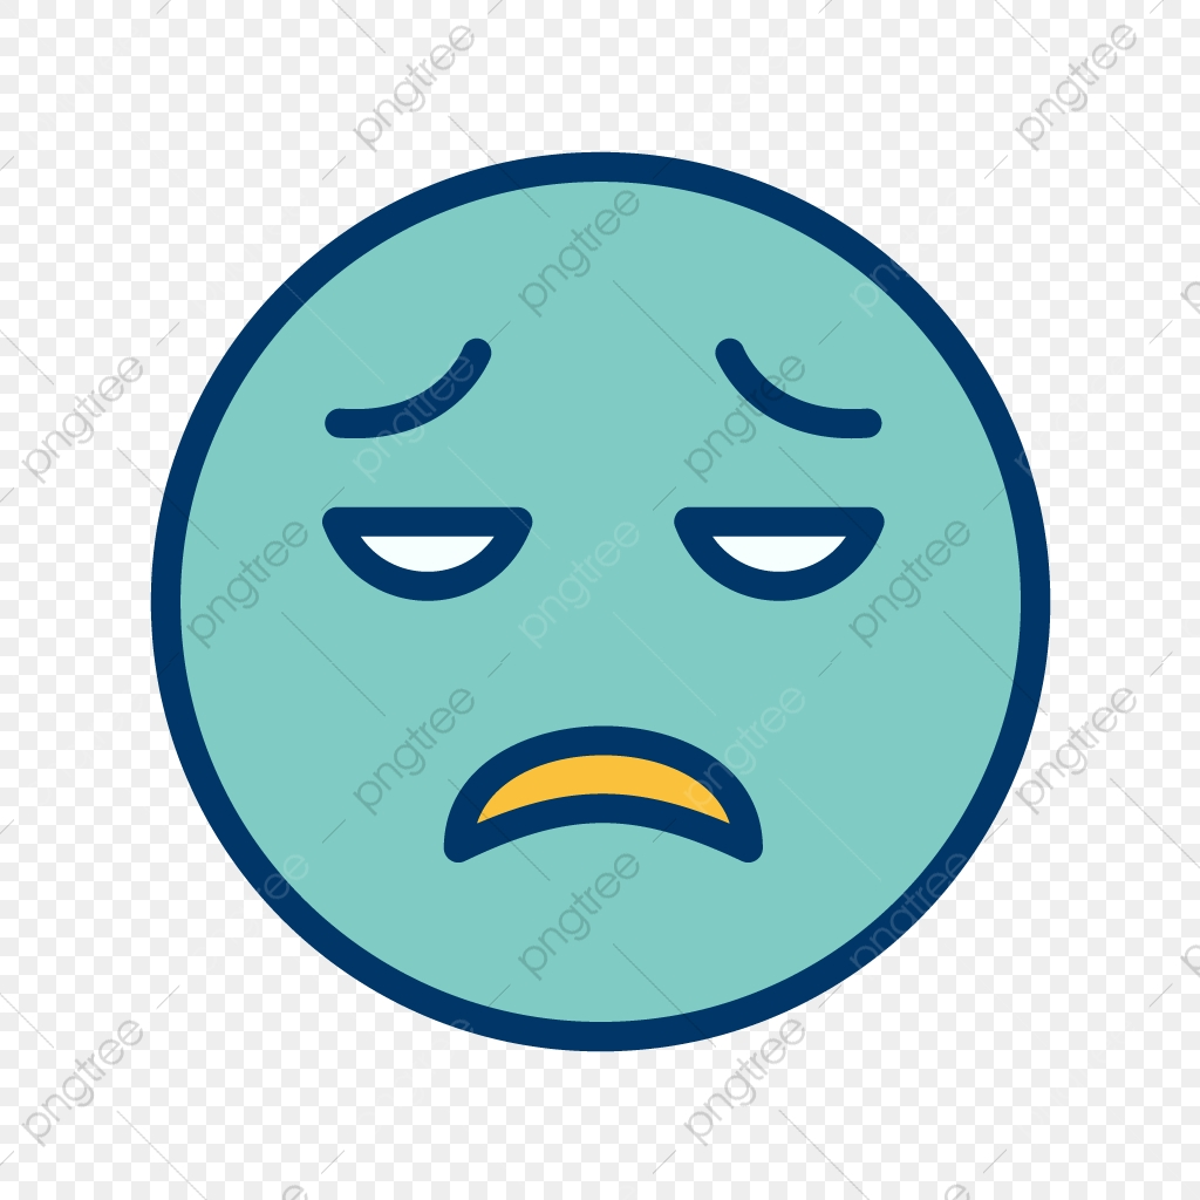 Gambar Vektor Kecewa Smiley Ikon Bentuk Kecewa Kecewa Ikon Png Dan Vektor Untuk Muat Turun Percuma